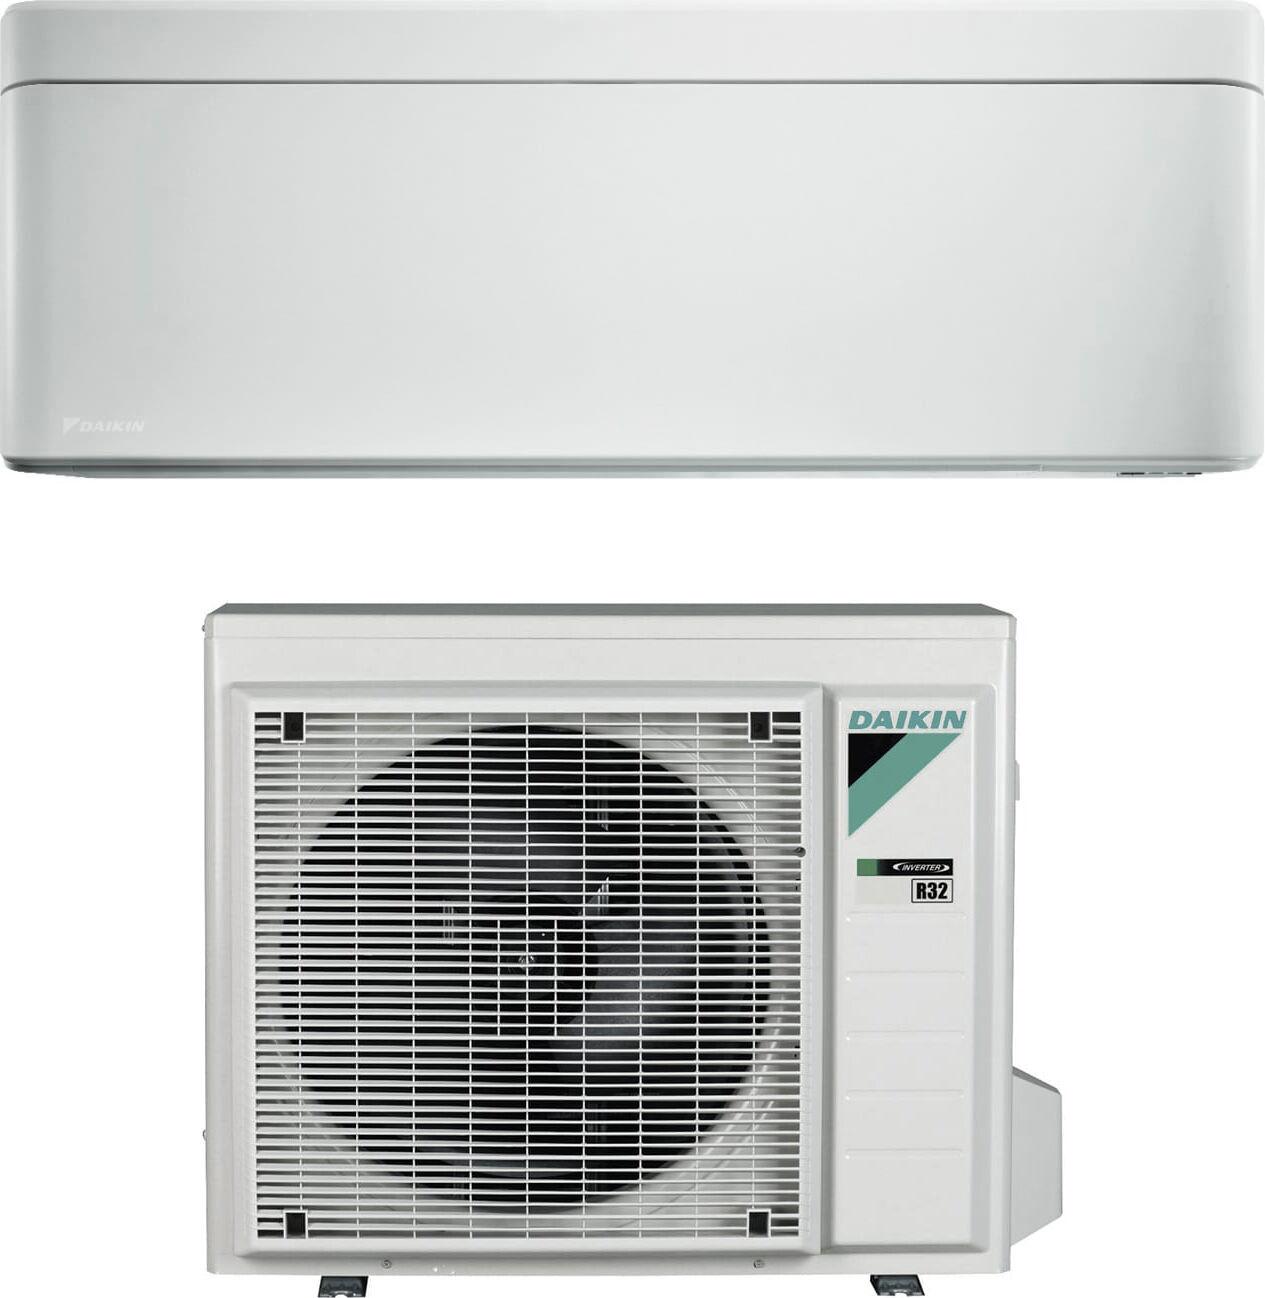 Daikin Sb.Ftxa35aw/rxaa Climatizzatore 12000 Btu /h Inverter Monosplit Condizionatore Con Pompa Di Calore Classe A+++/a+++ Wifi Gas R32 (Unità Interna + Unità Esterna) Colore Bianco - Sb.Ftxa35aw/rxaa Stylish